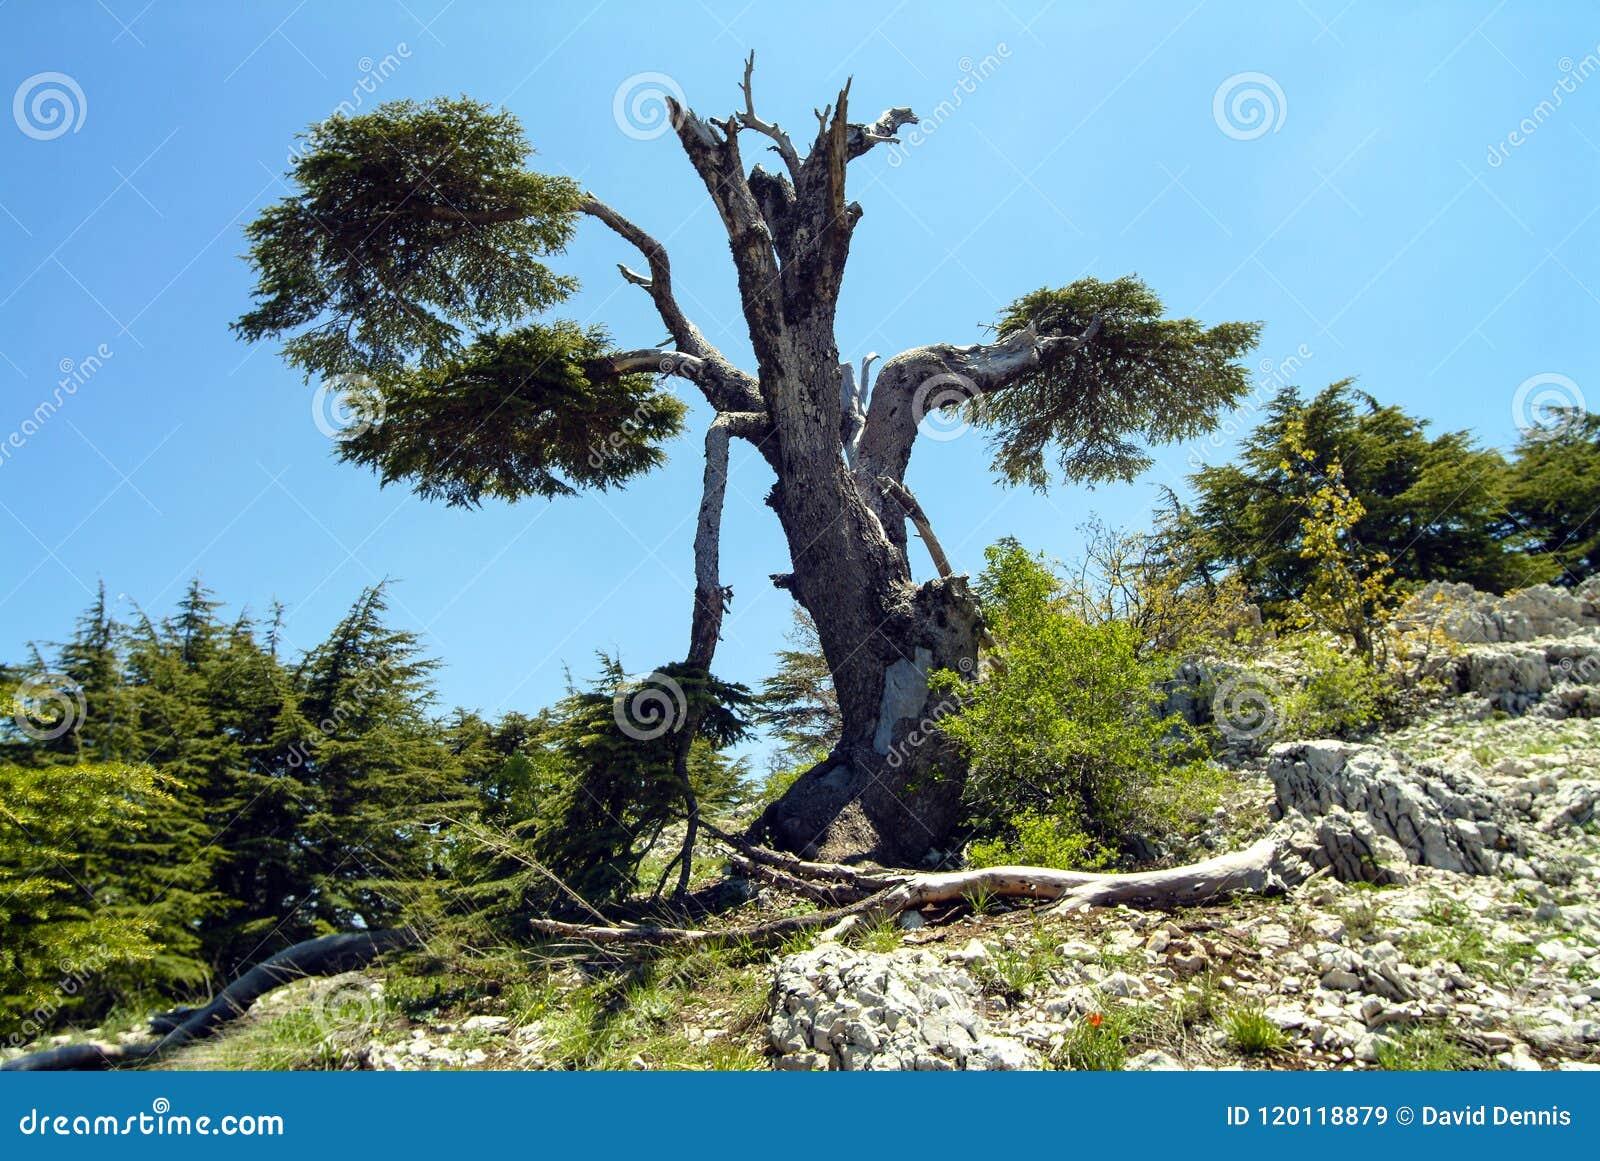 Un cedro dell albero che è stato colpito da fulmine nelle montagne della riserva di biosfera di Shouf, Libano di Libano